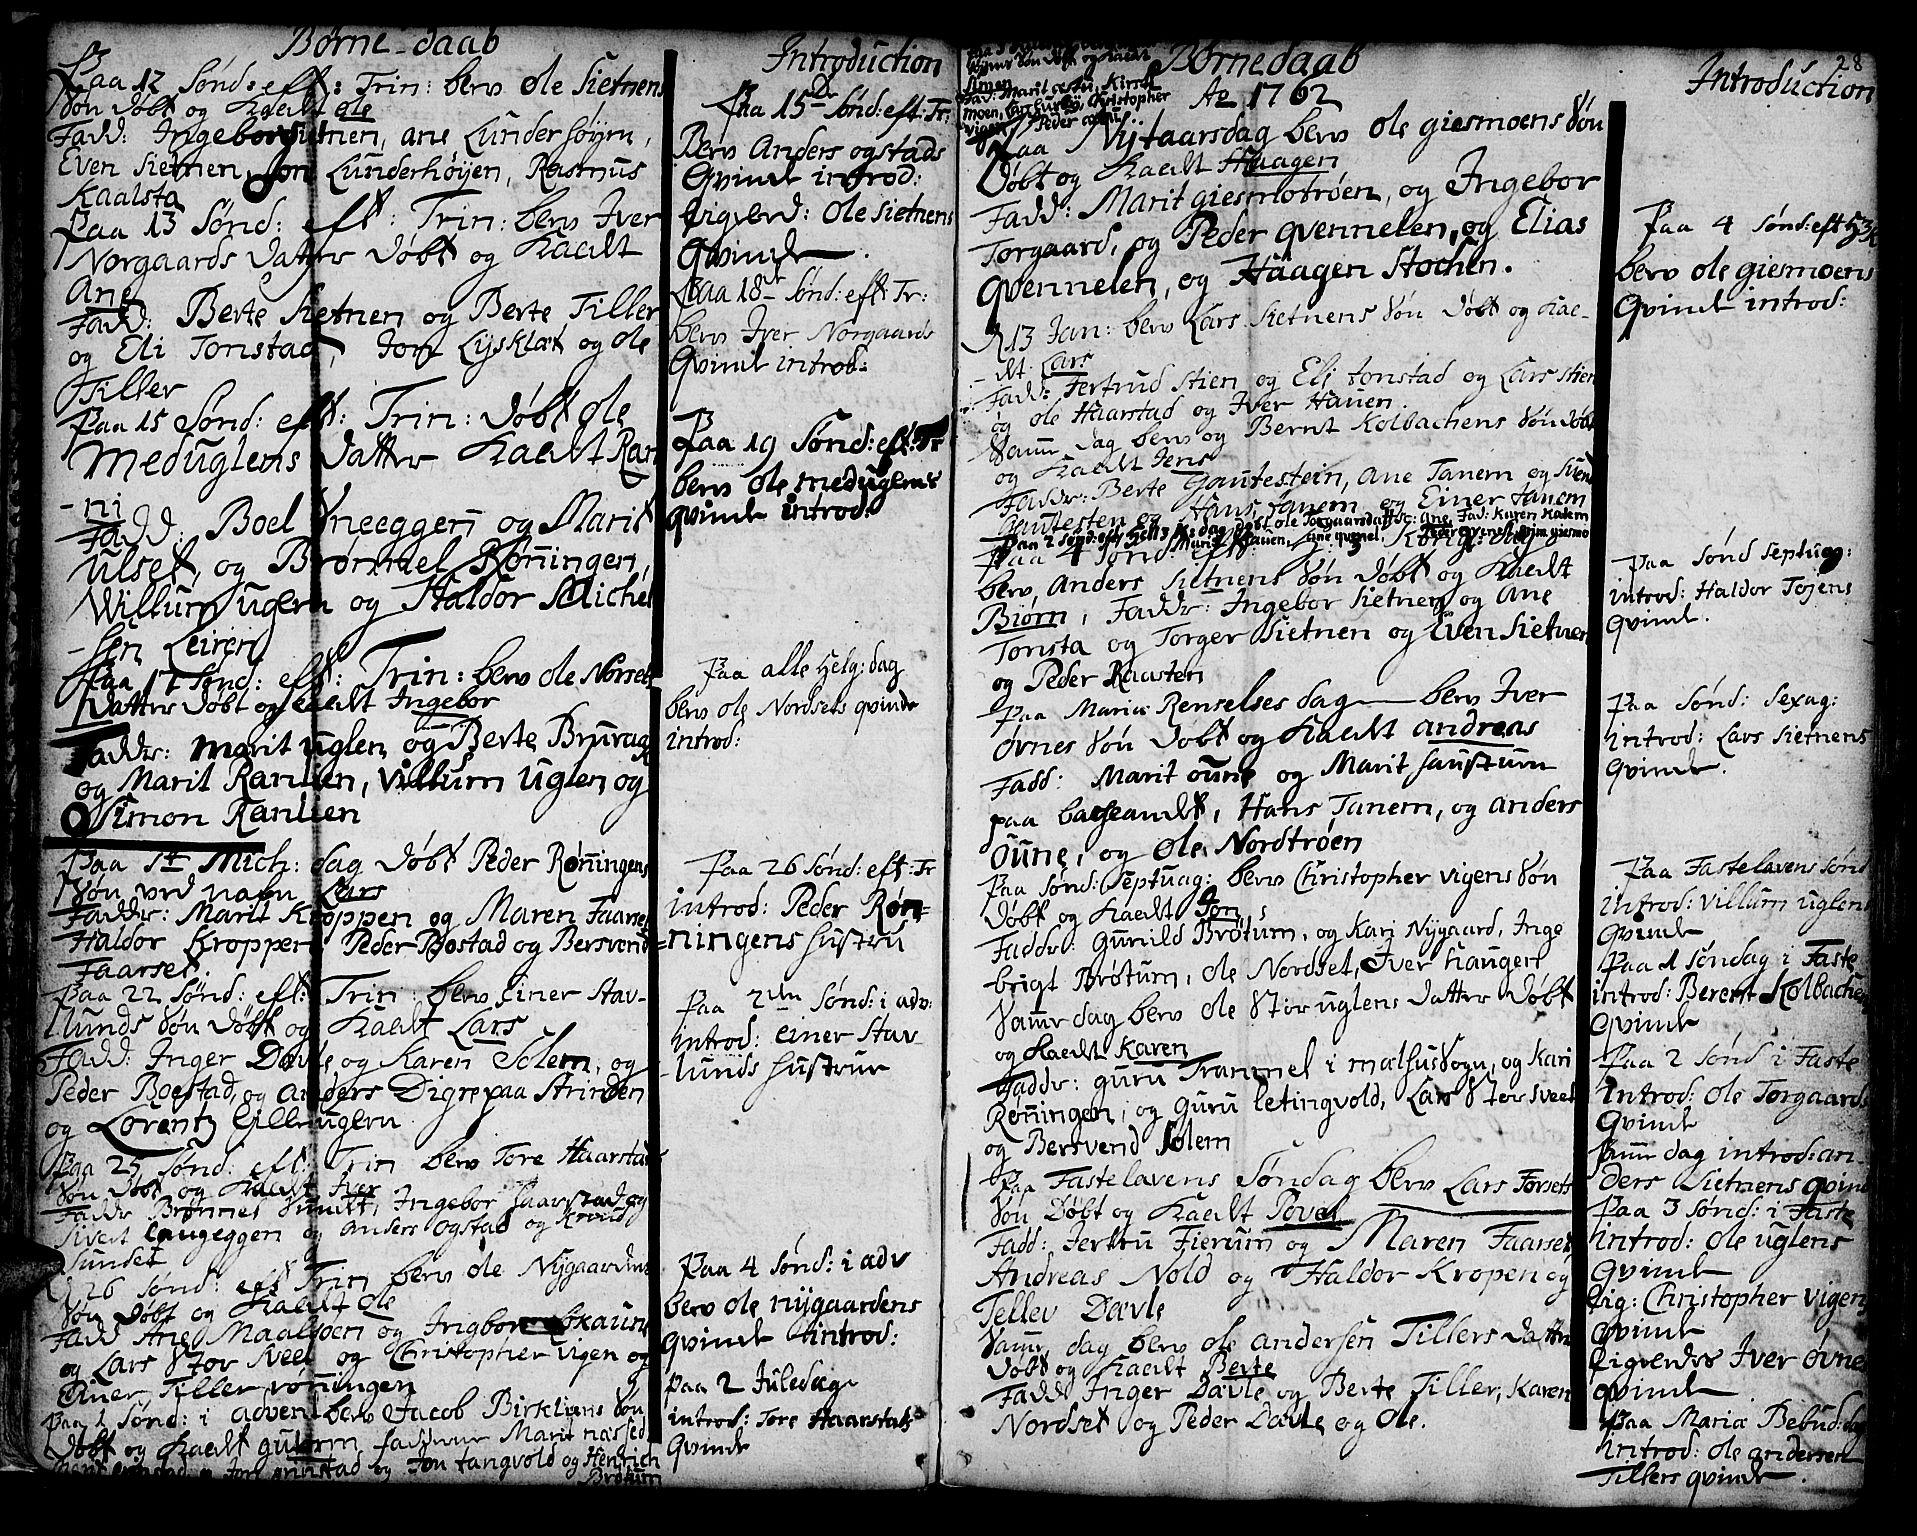 SAT, Ministerialprotokoller, klokkerbøker og fødselsregistre - Sør-Trøndelag, 618/L0437: Ministerialbok nr. 618A02, 1749-1782, s. 28